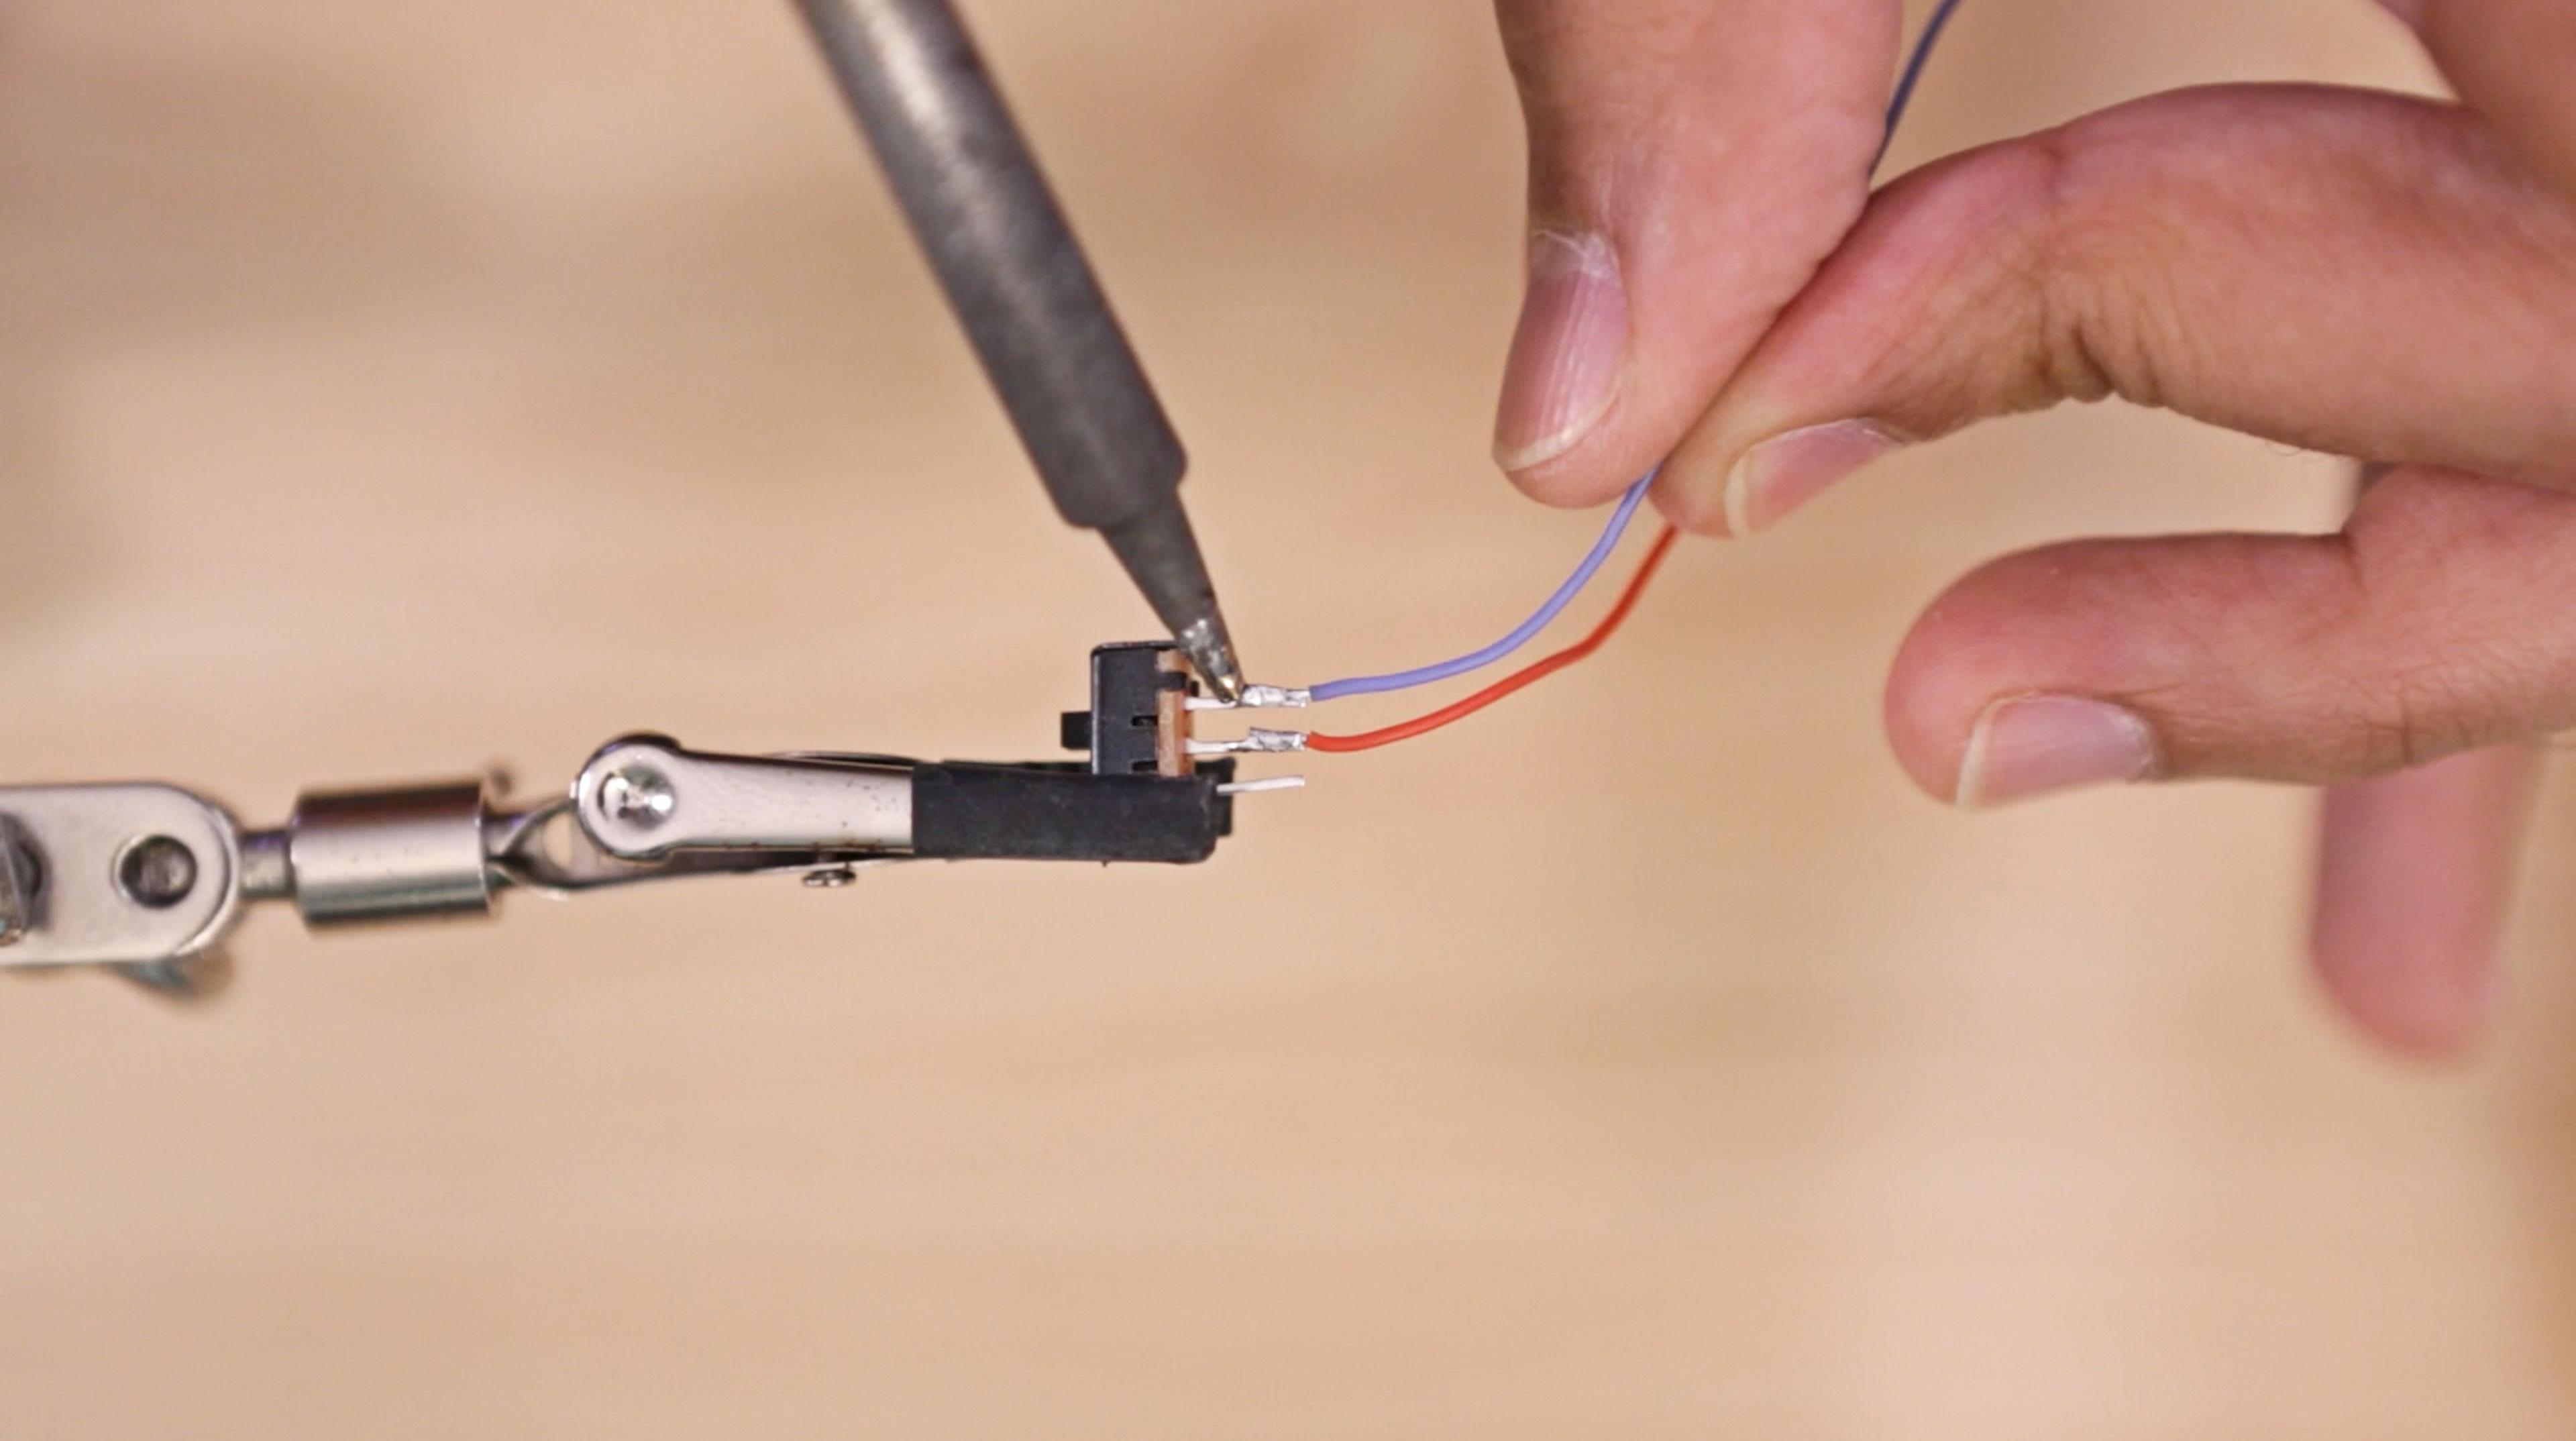 leds_slide-switch-solder.jpg